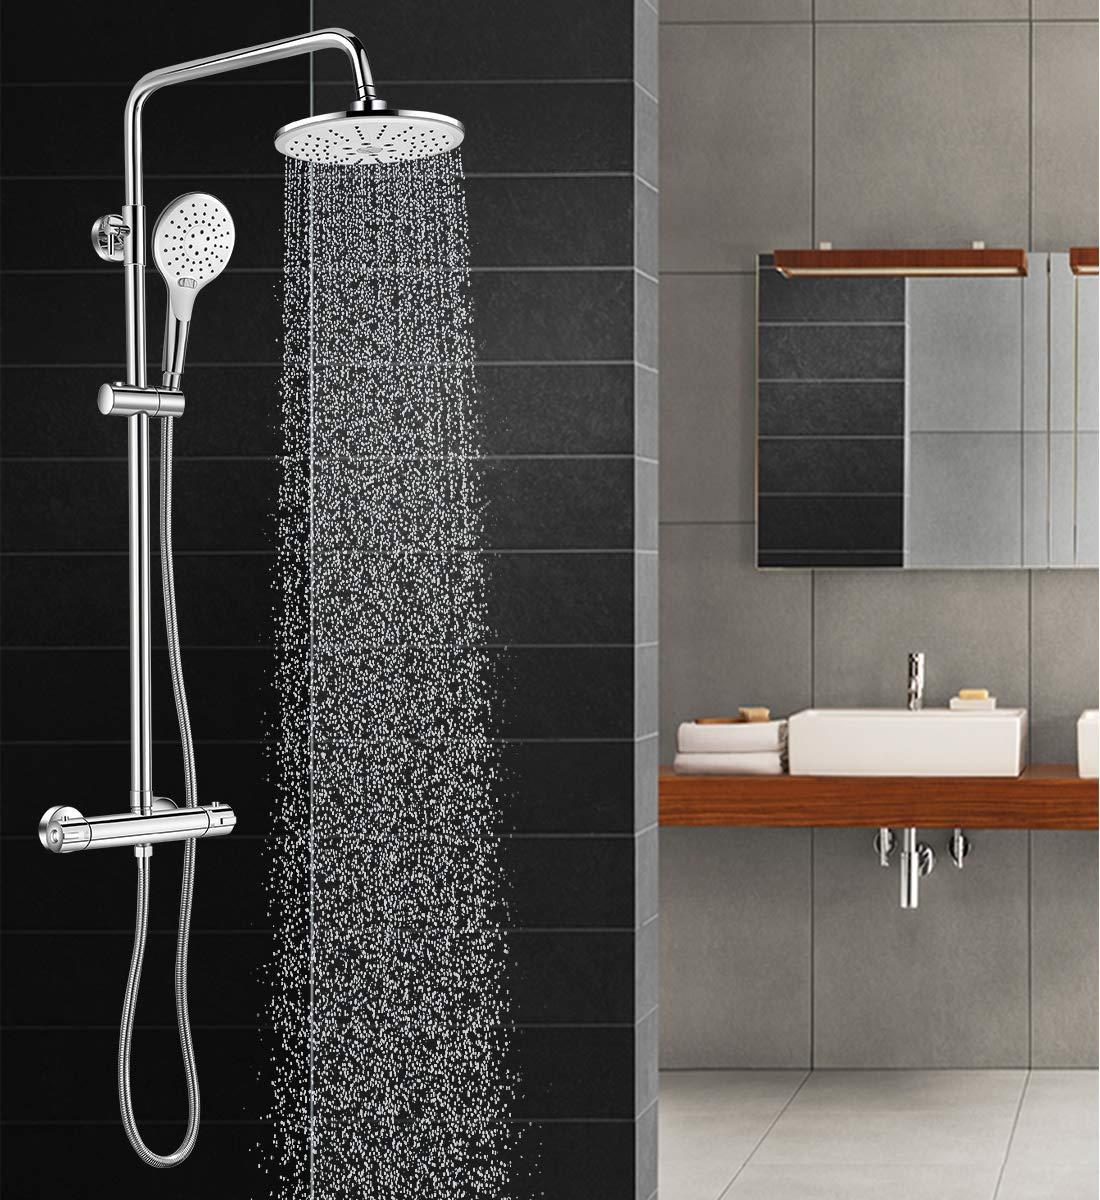 Grifo de ducha incluye cabezal de ducha de lluvia grifo de ducha y ba/ñera dise/ño vintage Sccot lat/ón de lujo acabado en lat/ón envejecido